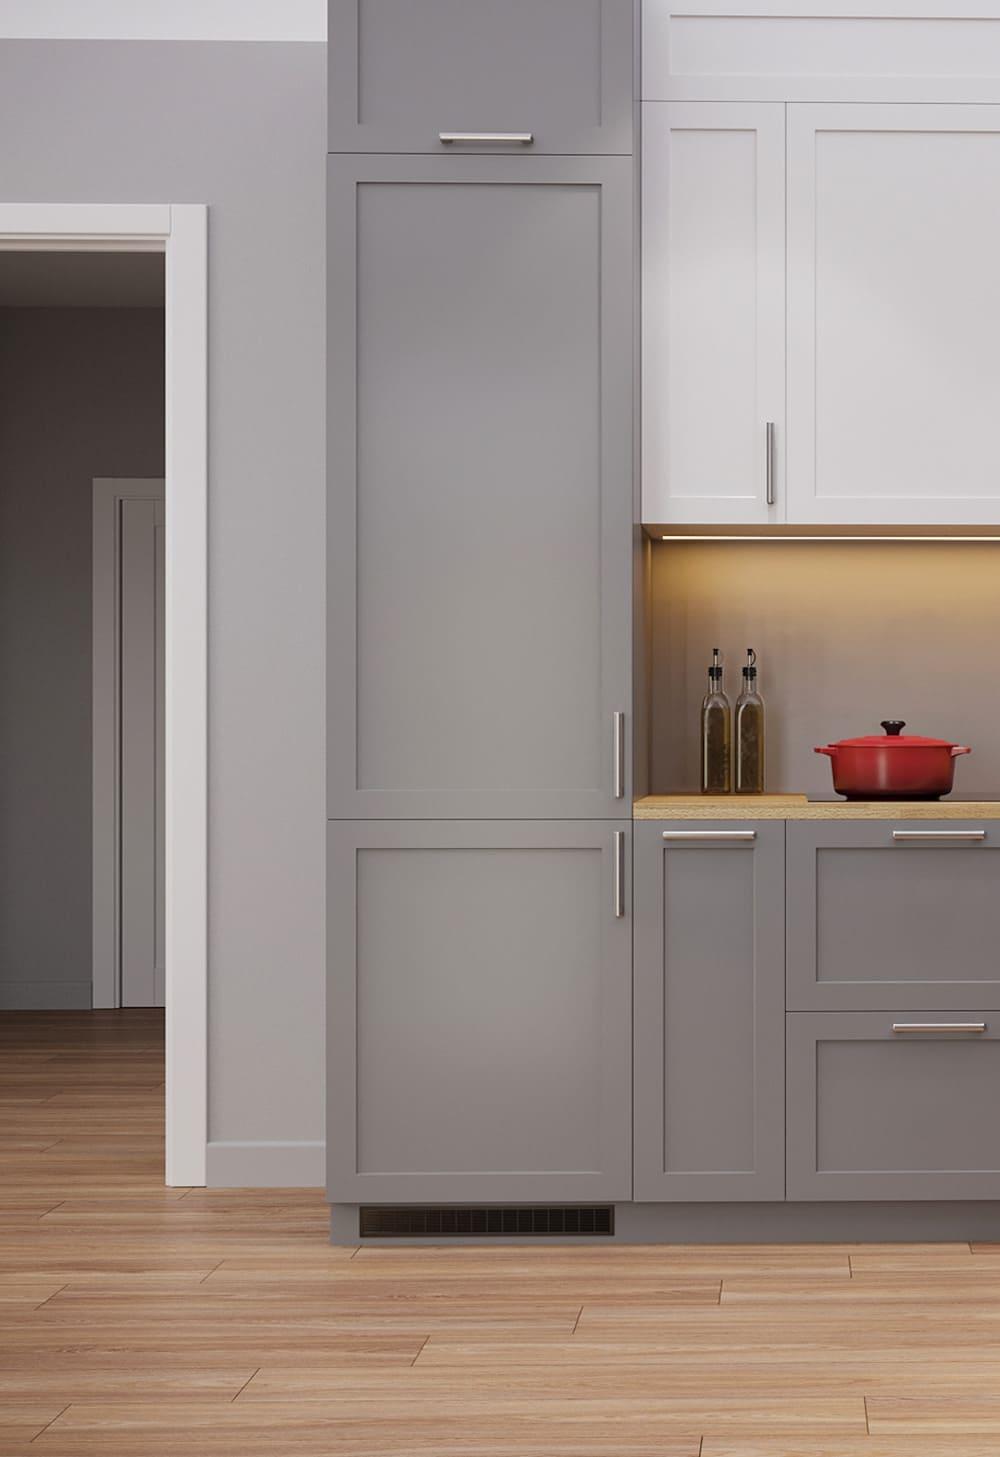 дизайн кухни в современном стиле фото 47